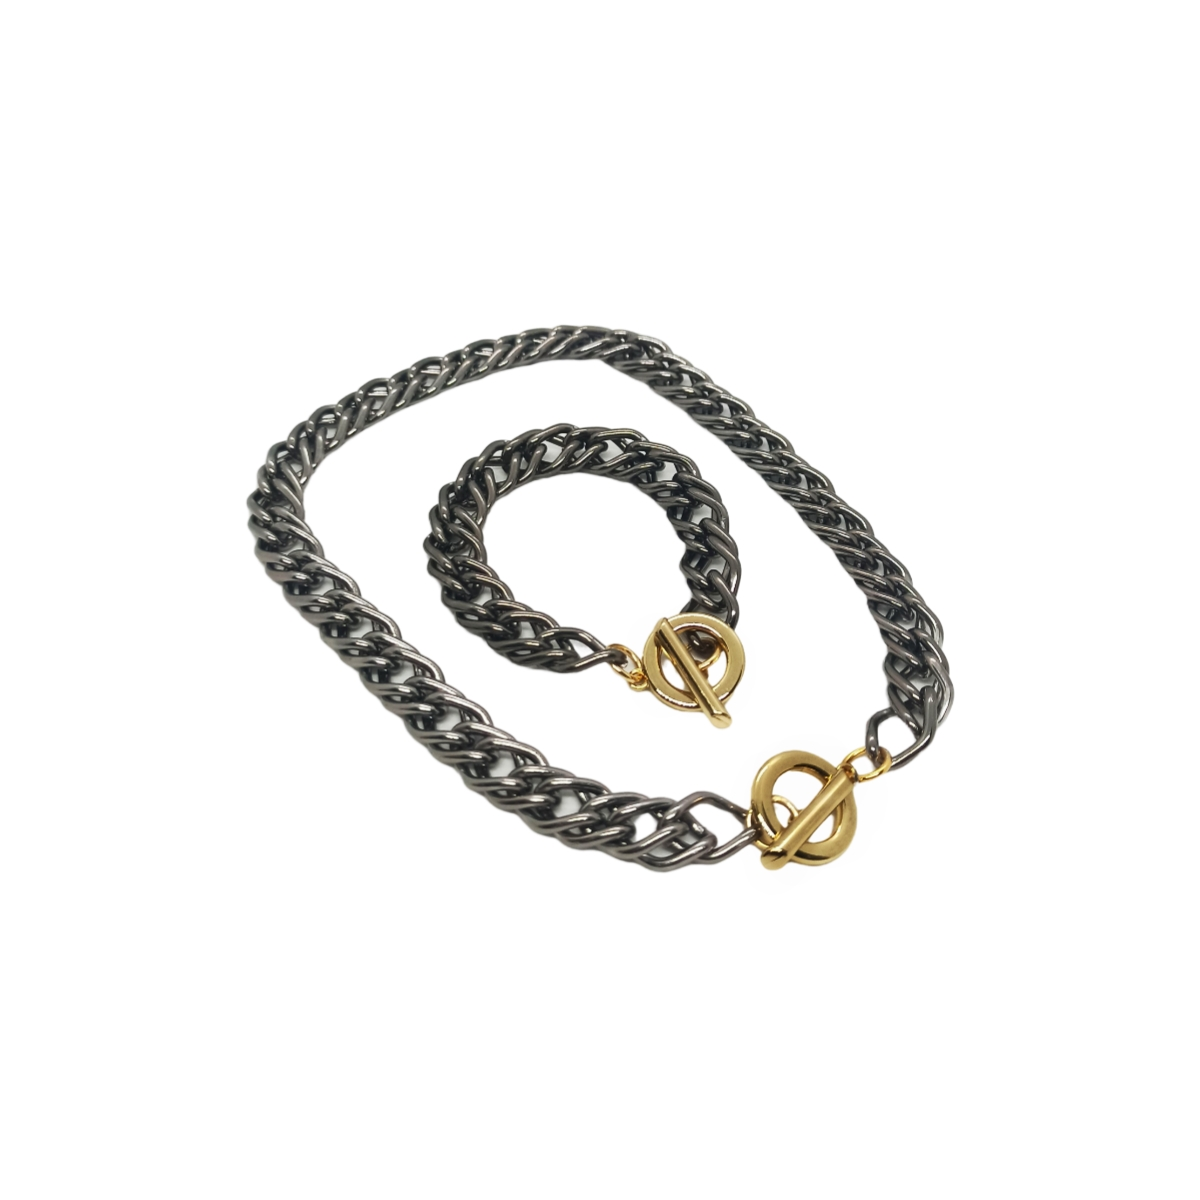 Conjunto  Colar / Corrente + Pulseira Ródio Negro, Fecho Dourado.